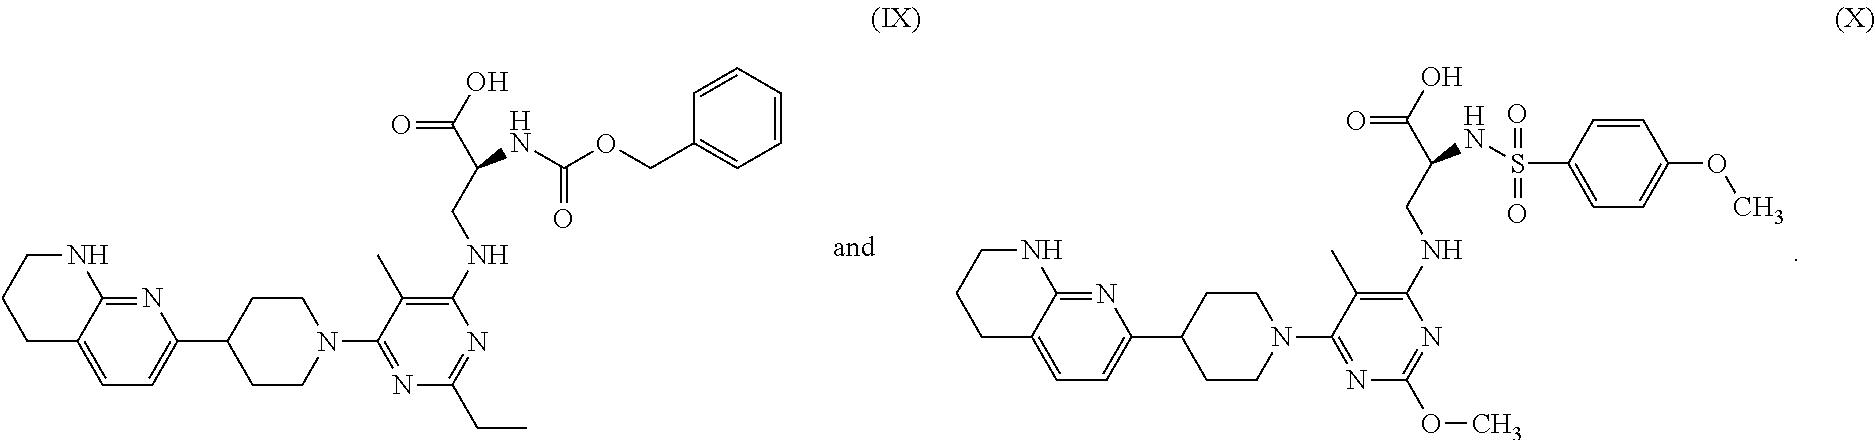 Figure US20110189174A1-20110804-C00009